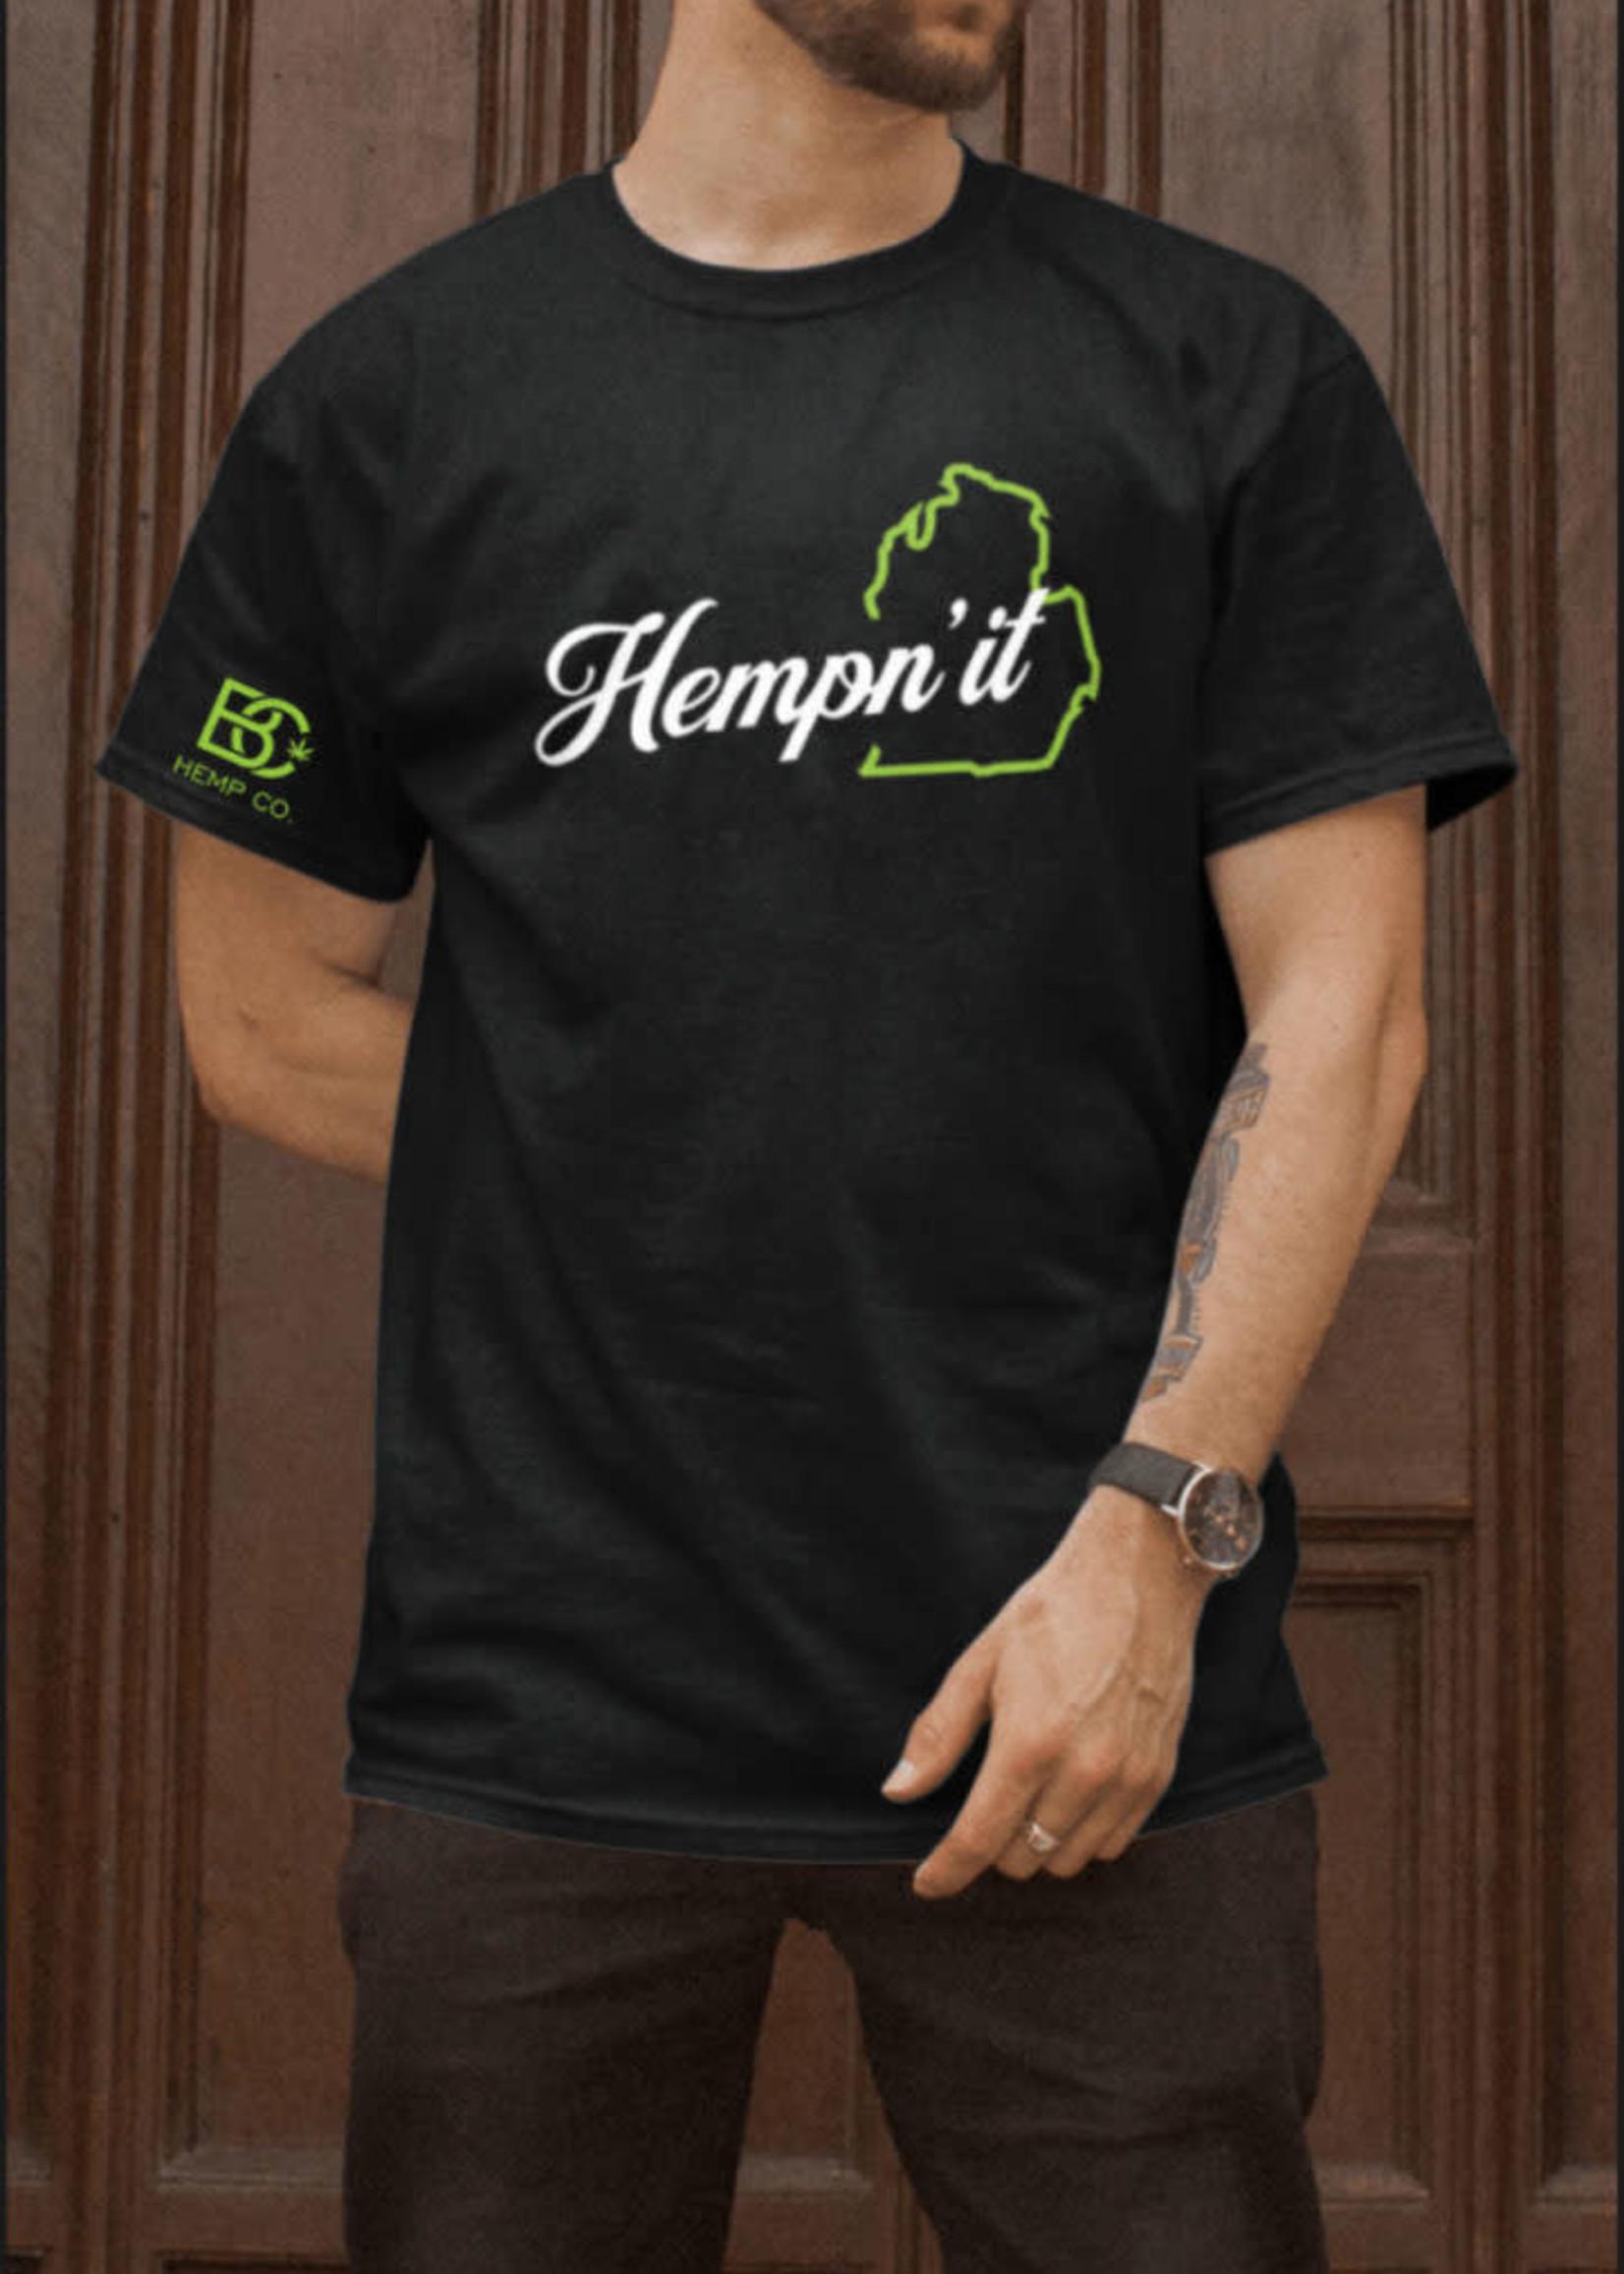 BC Hemp Co. Hempn'it T-shirt